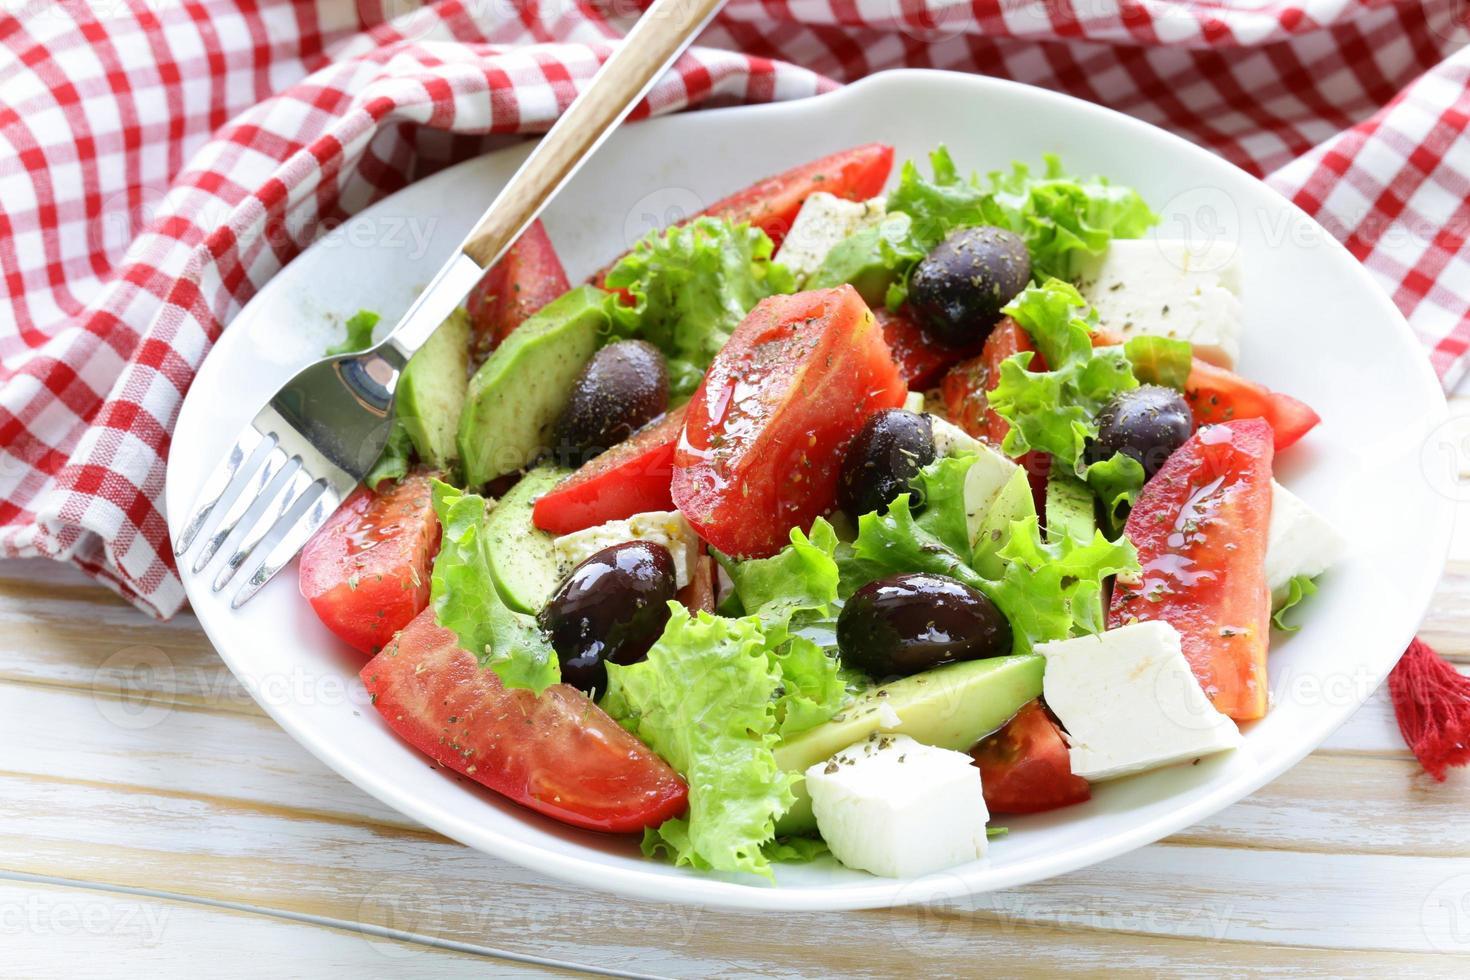 mediterraner Salat mit schwarzen Oliven, Salat, Käse und Tomaten foto